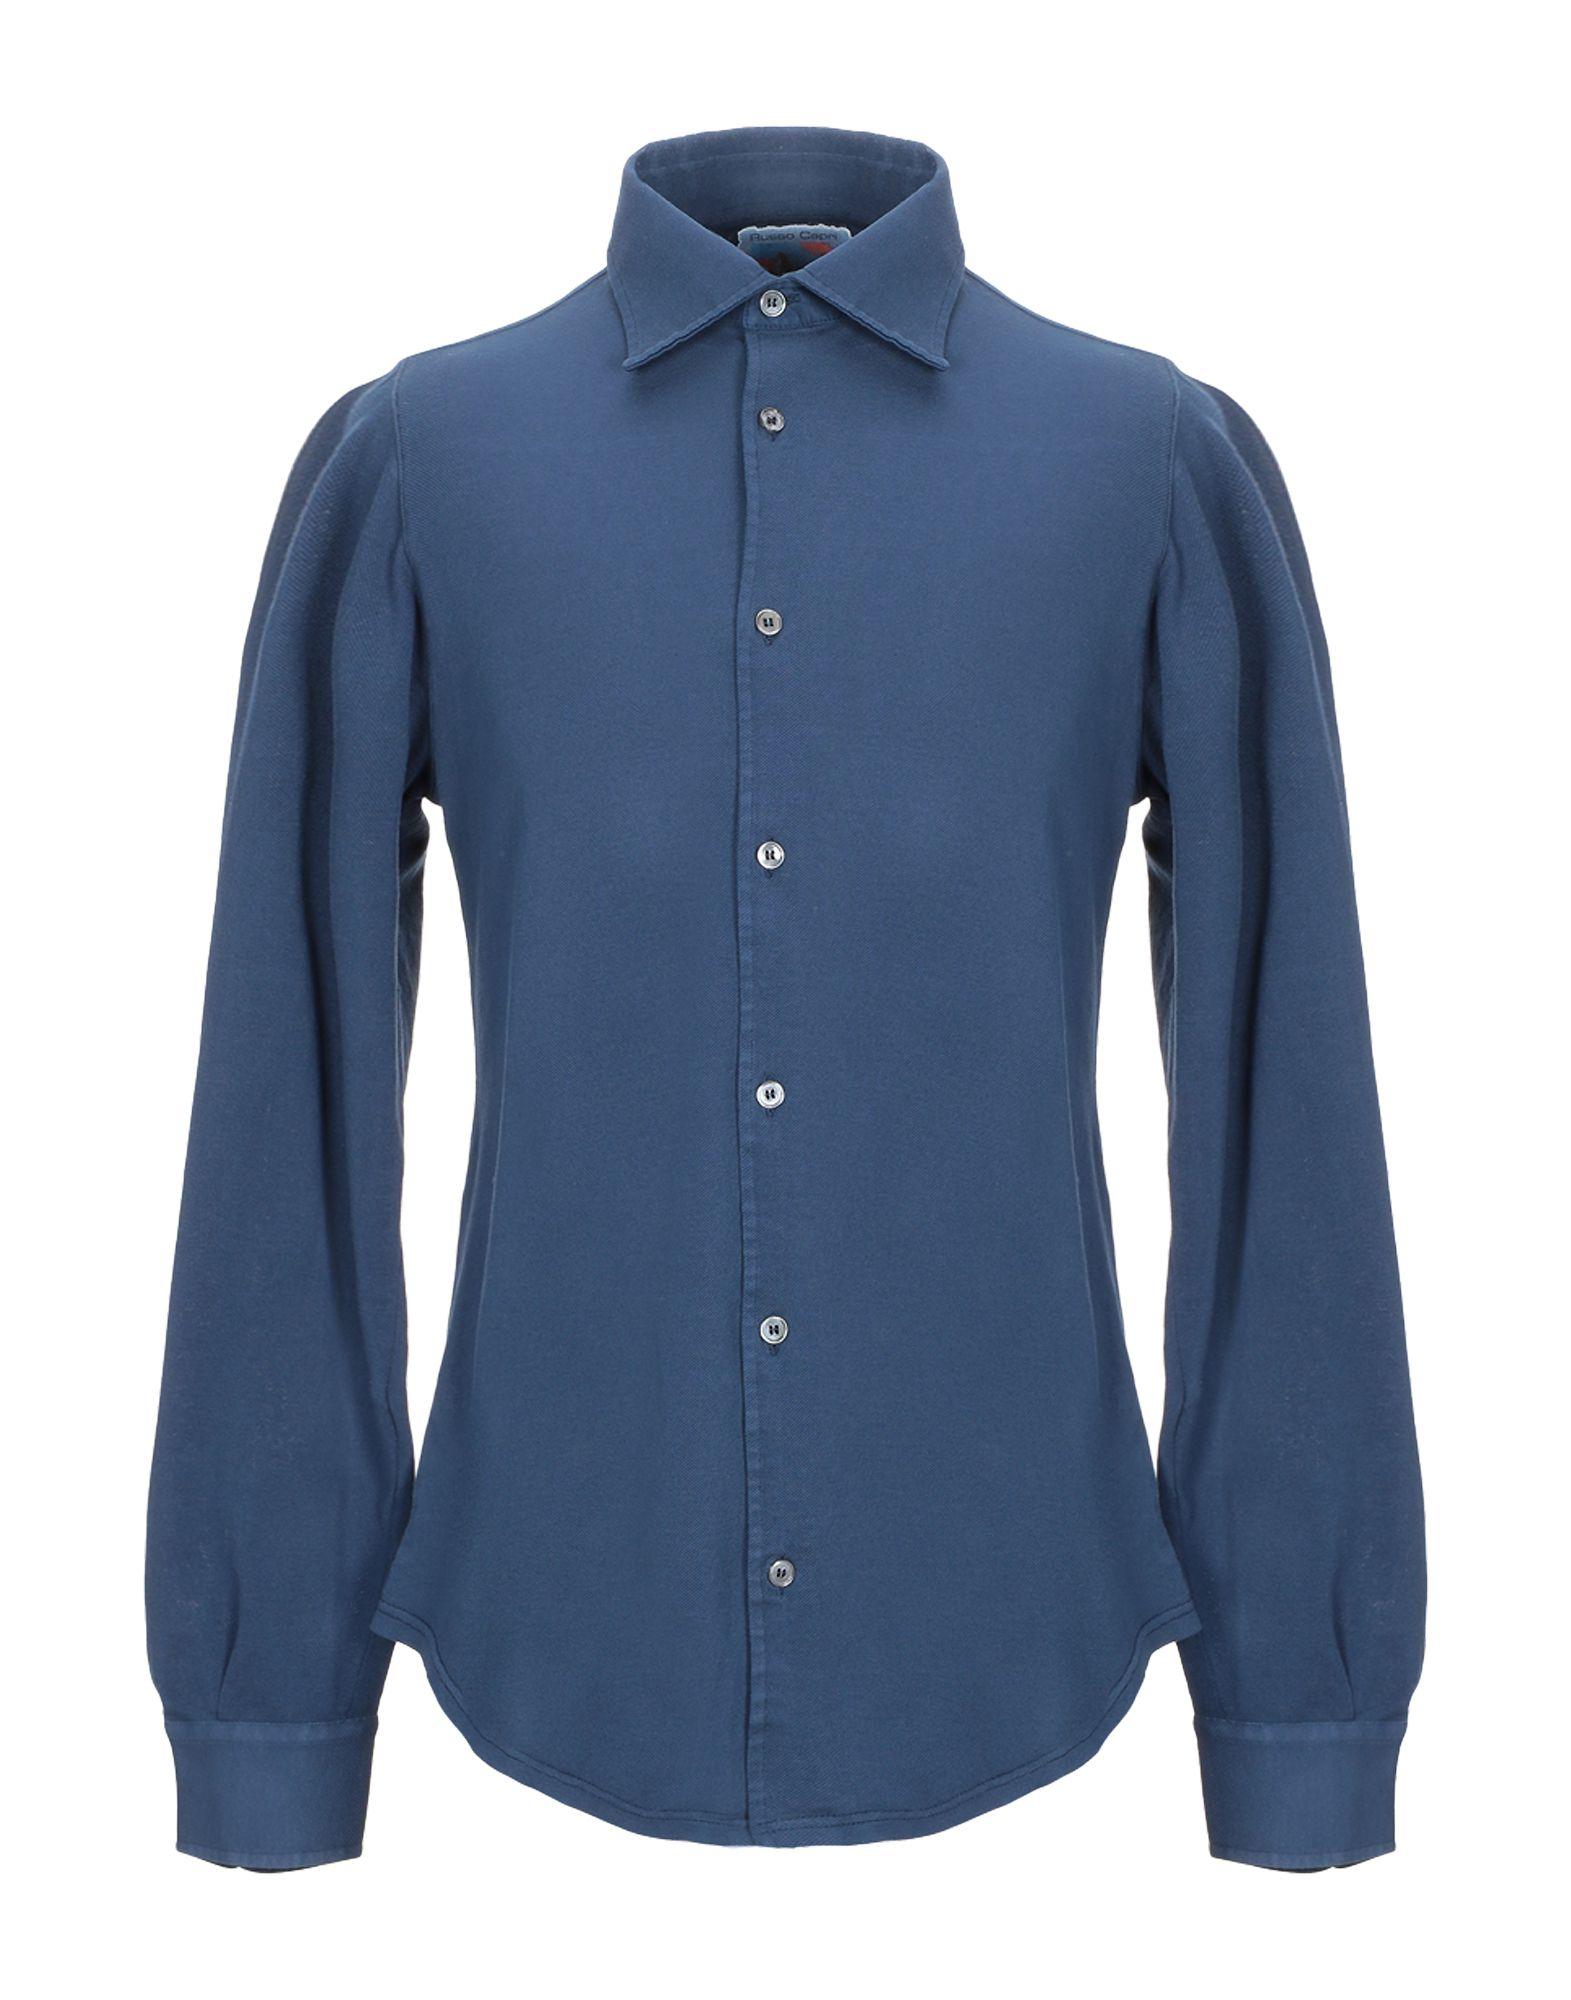 《期間限定セール中》FEDELI メンズ シャツ ダークブルー 48 コットン 100%